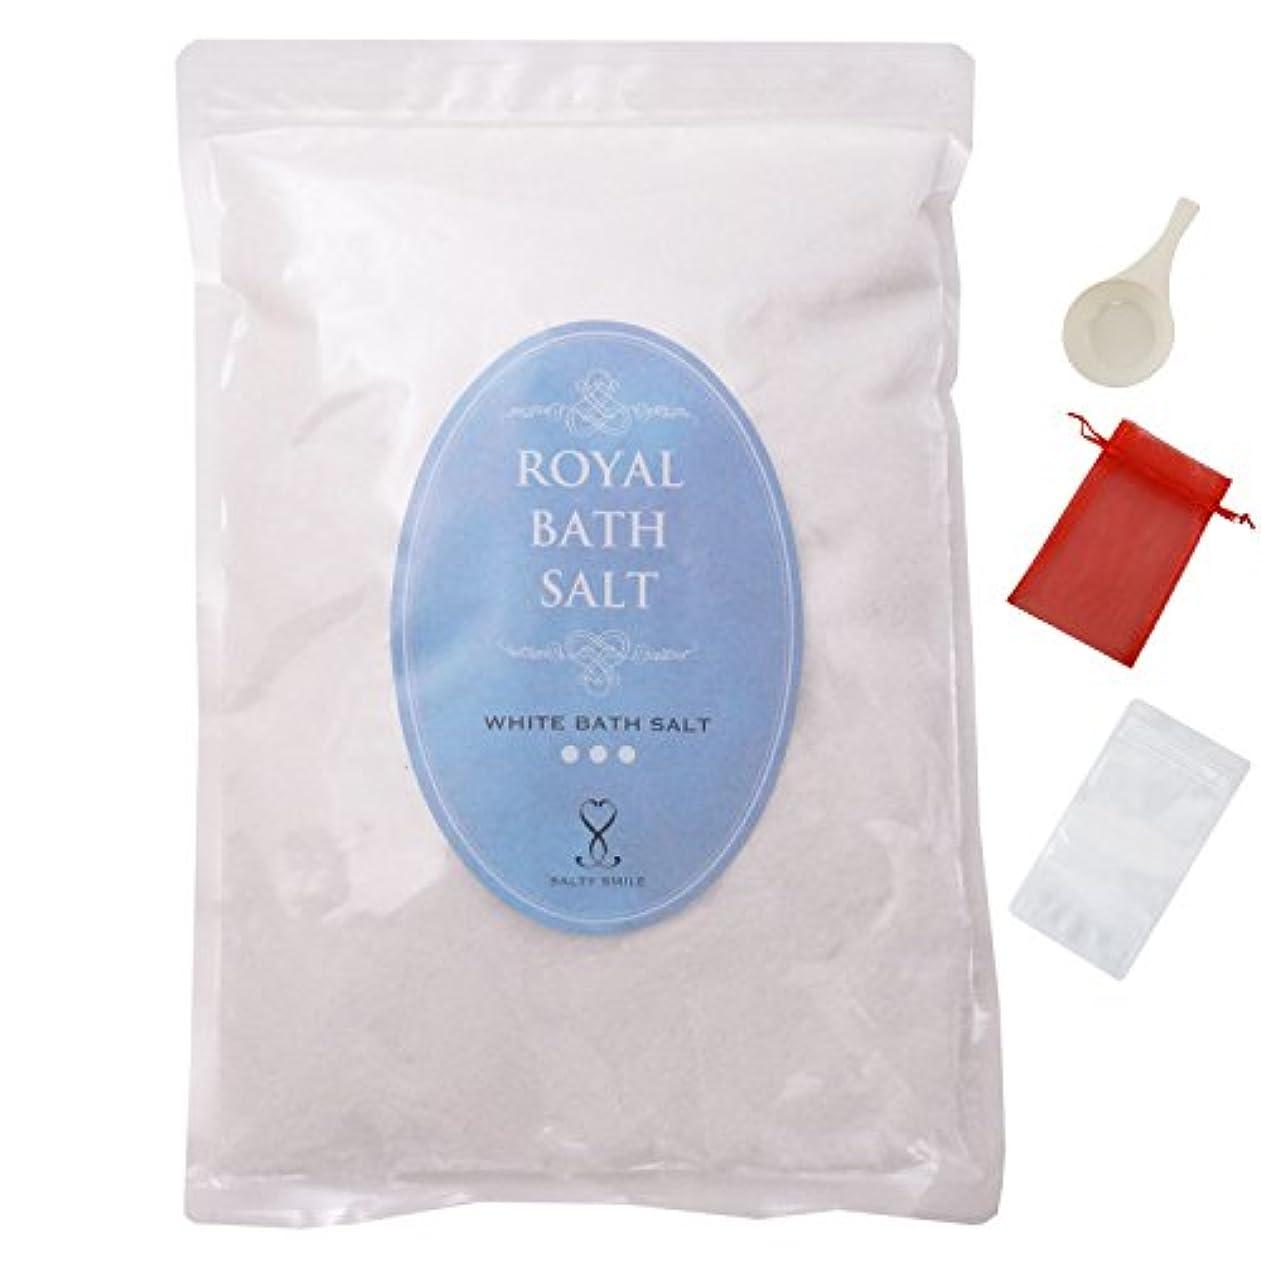 原点支援するページロイヤル バスソルト ヒマラヤ岩塩 クリスタル ホワイト パウダー 細粒 ROYAL BATH SALT (1,000g【1㎏】)